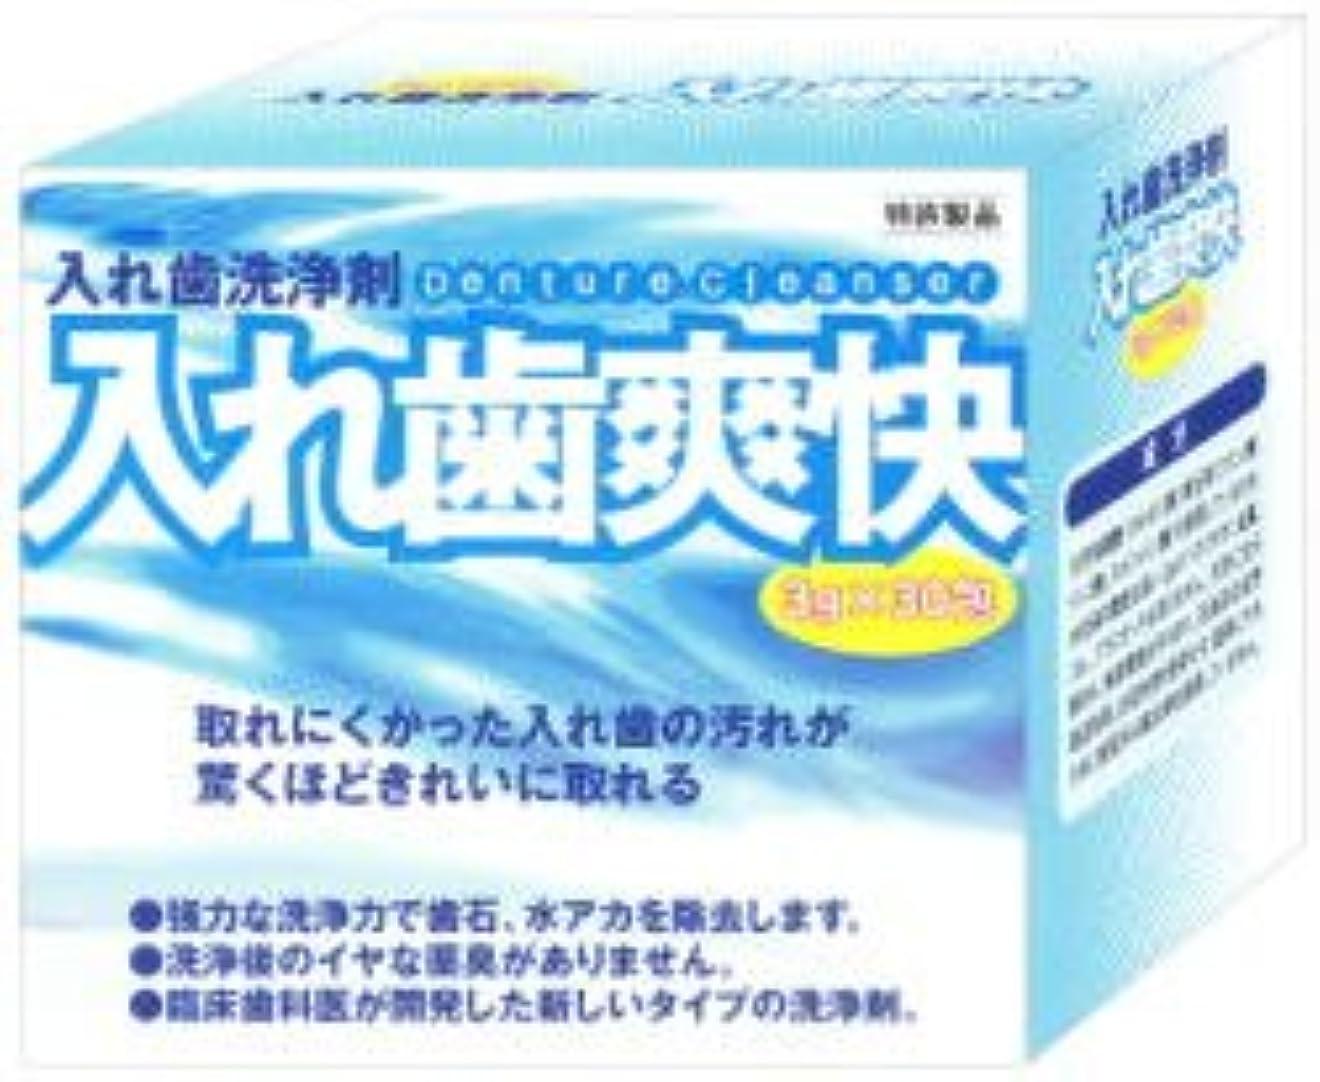 として怒って建設【和田精密歯研】【歯科用】入れ歯爽快 1箱 3g×30包【義歯洗浄剤】